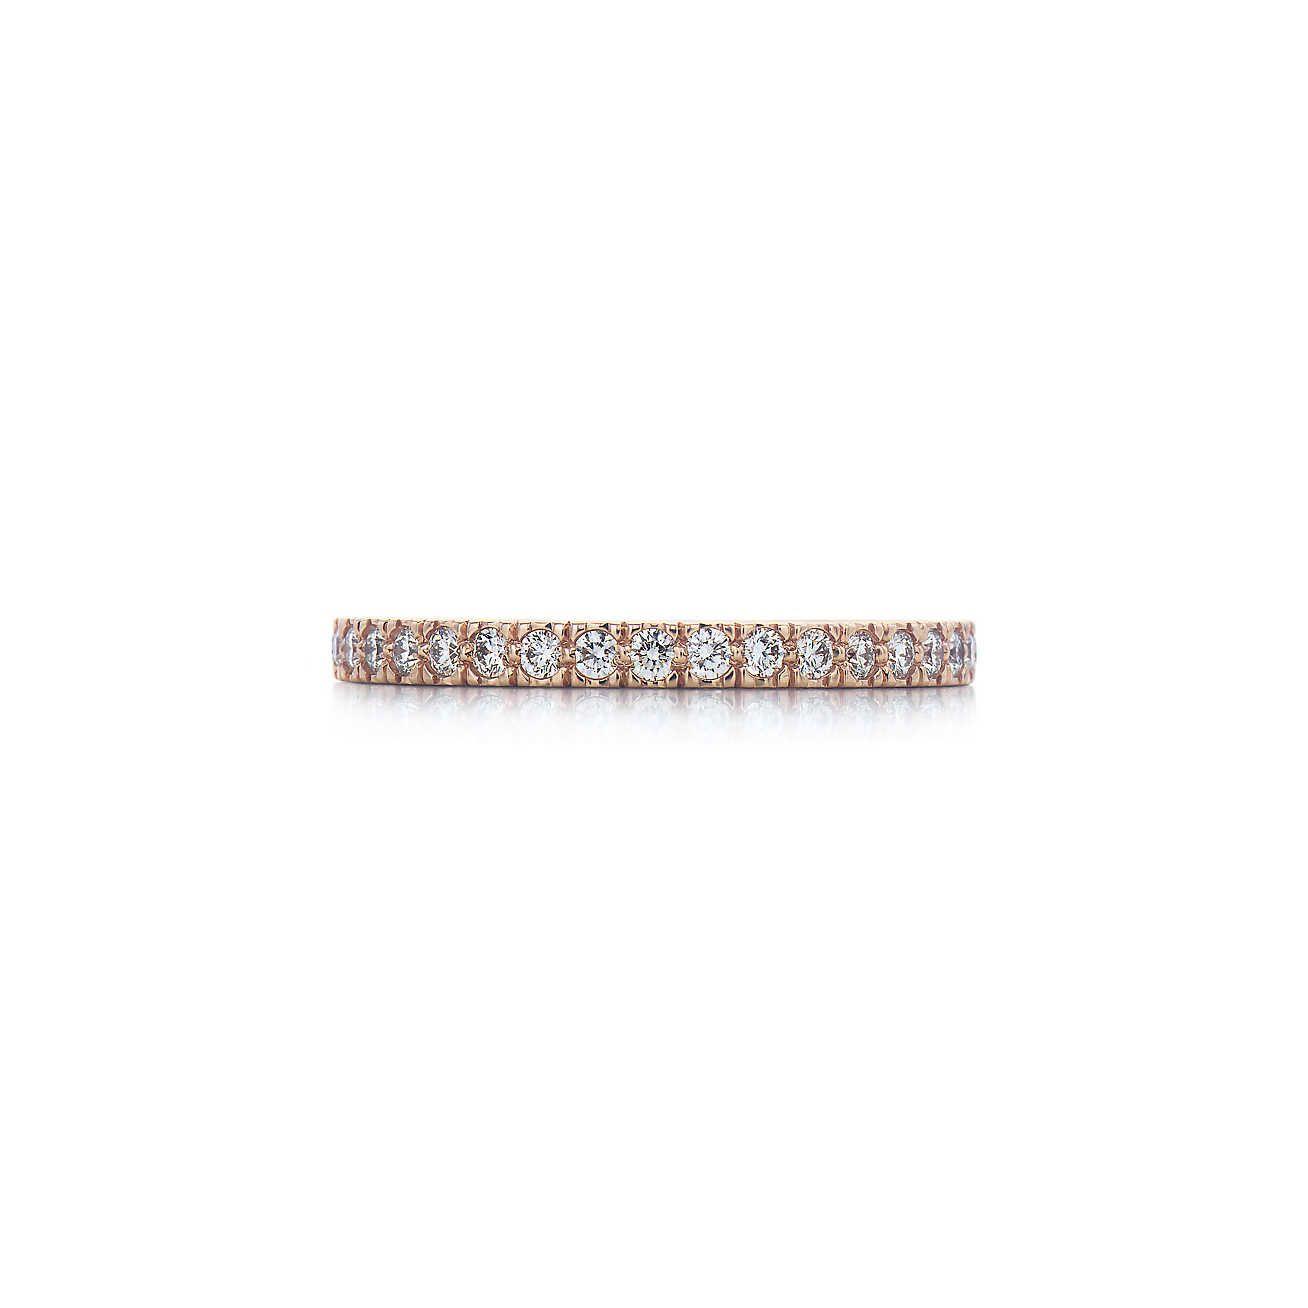 dd854a4de517b Tiffany Novo band ring with diamonds in 18k rose gold. Anillos De  Aniversario, Diamantes